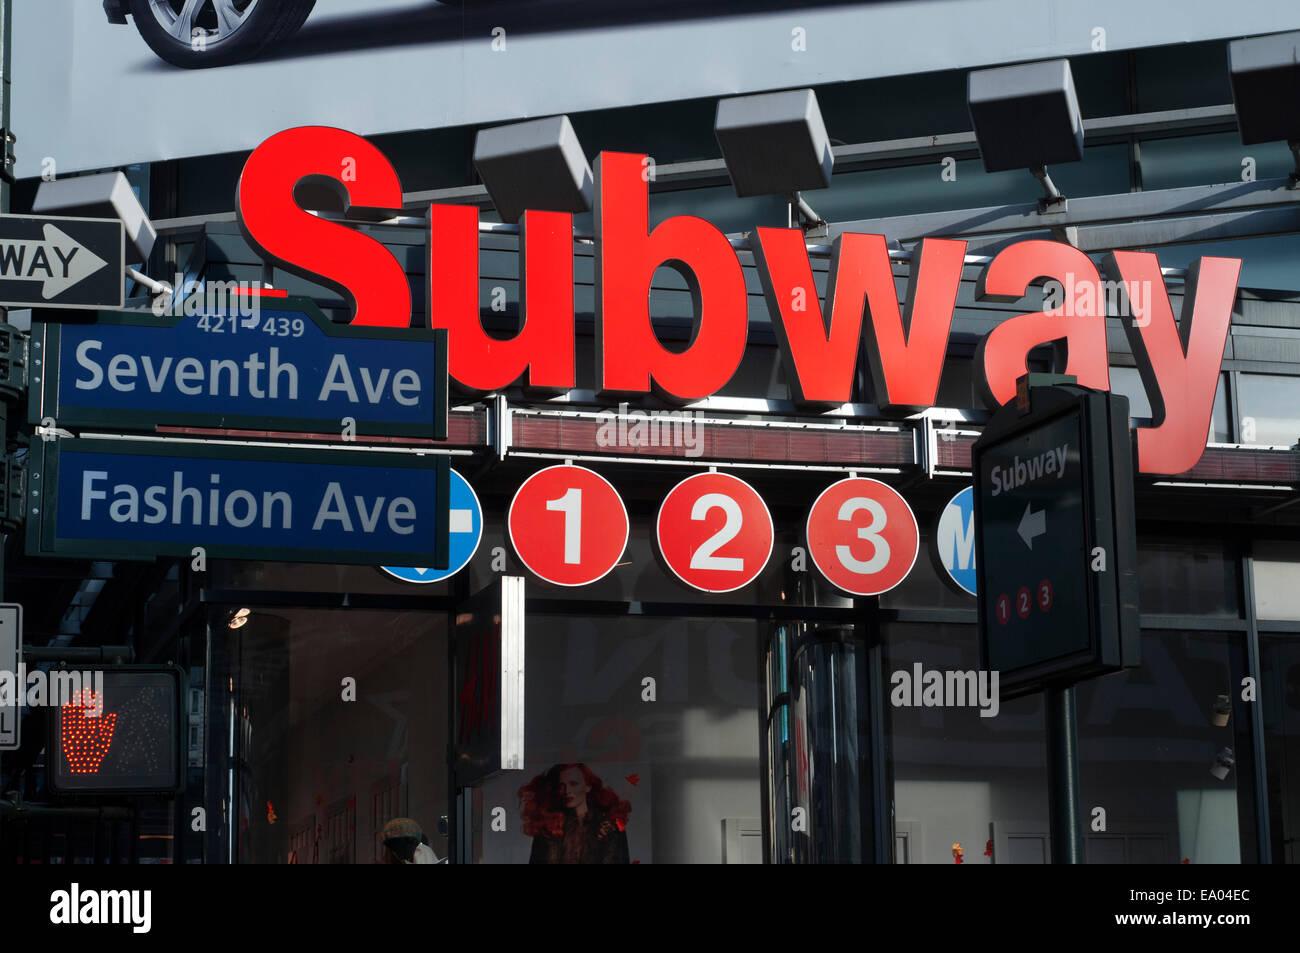 El Metro de Nueva York. Seventh Avenue. La avenida de la moda. Manhattan. Ee.Uu.. Casi treinta millones de visitantes Imagen De Stock